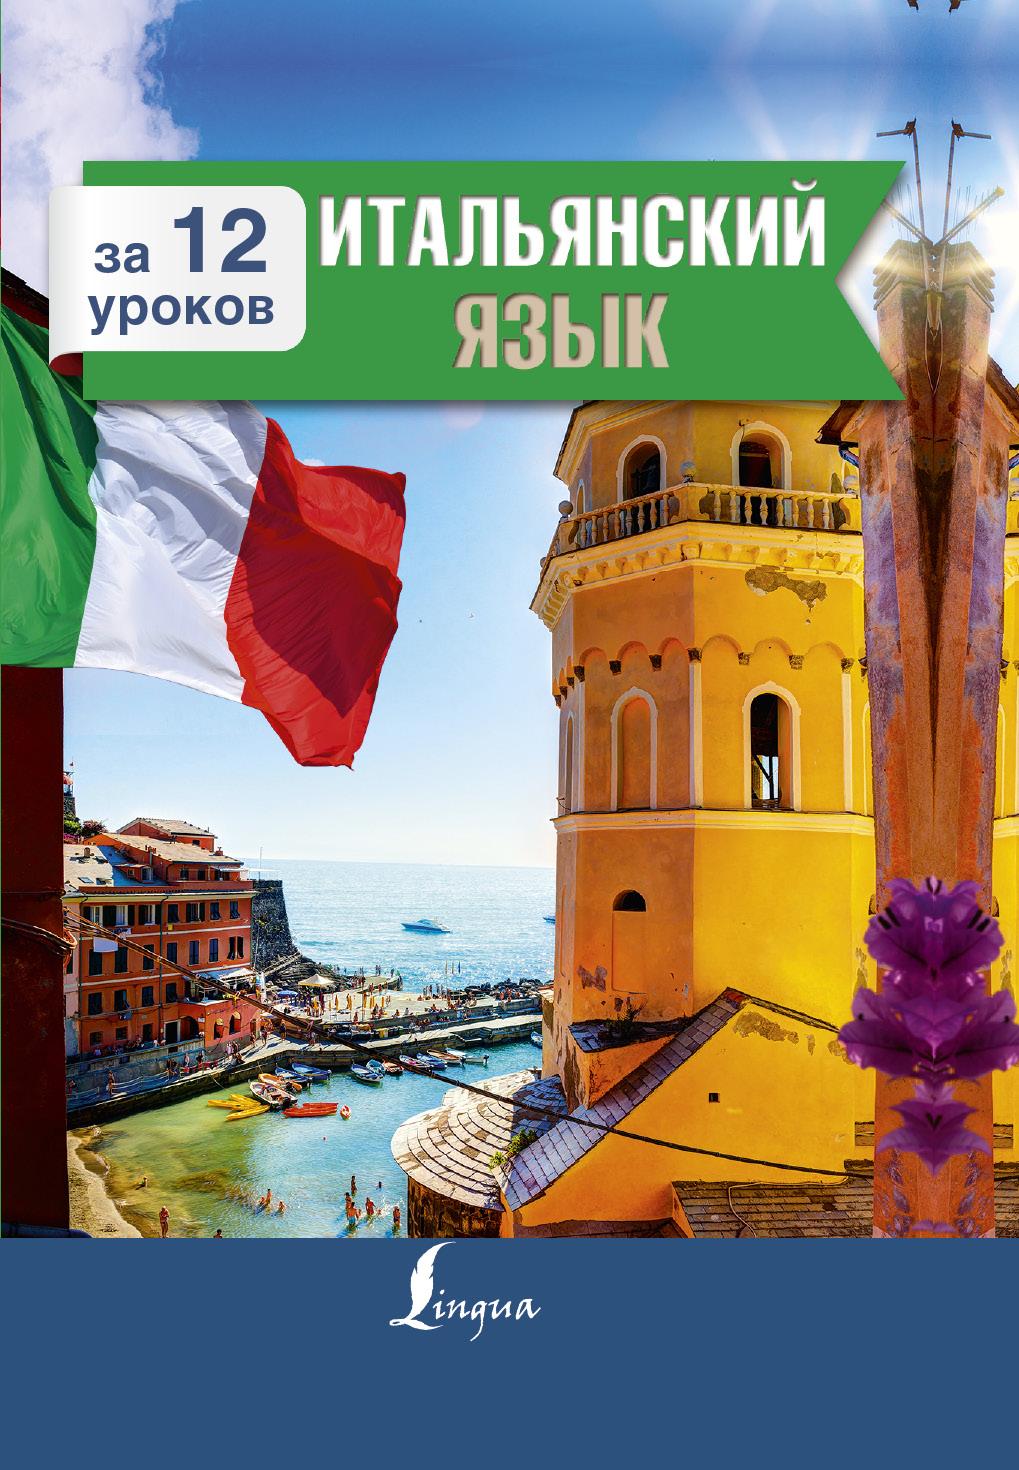 Киселева А.Г. Итальянский язык за 12 уроков киселева а итальянский за 12 часов